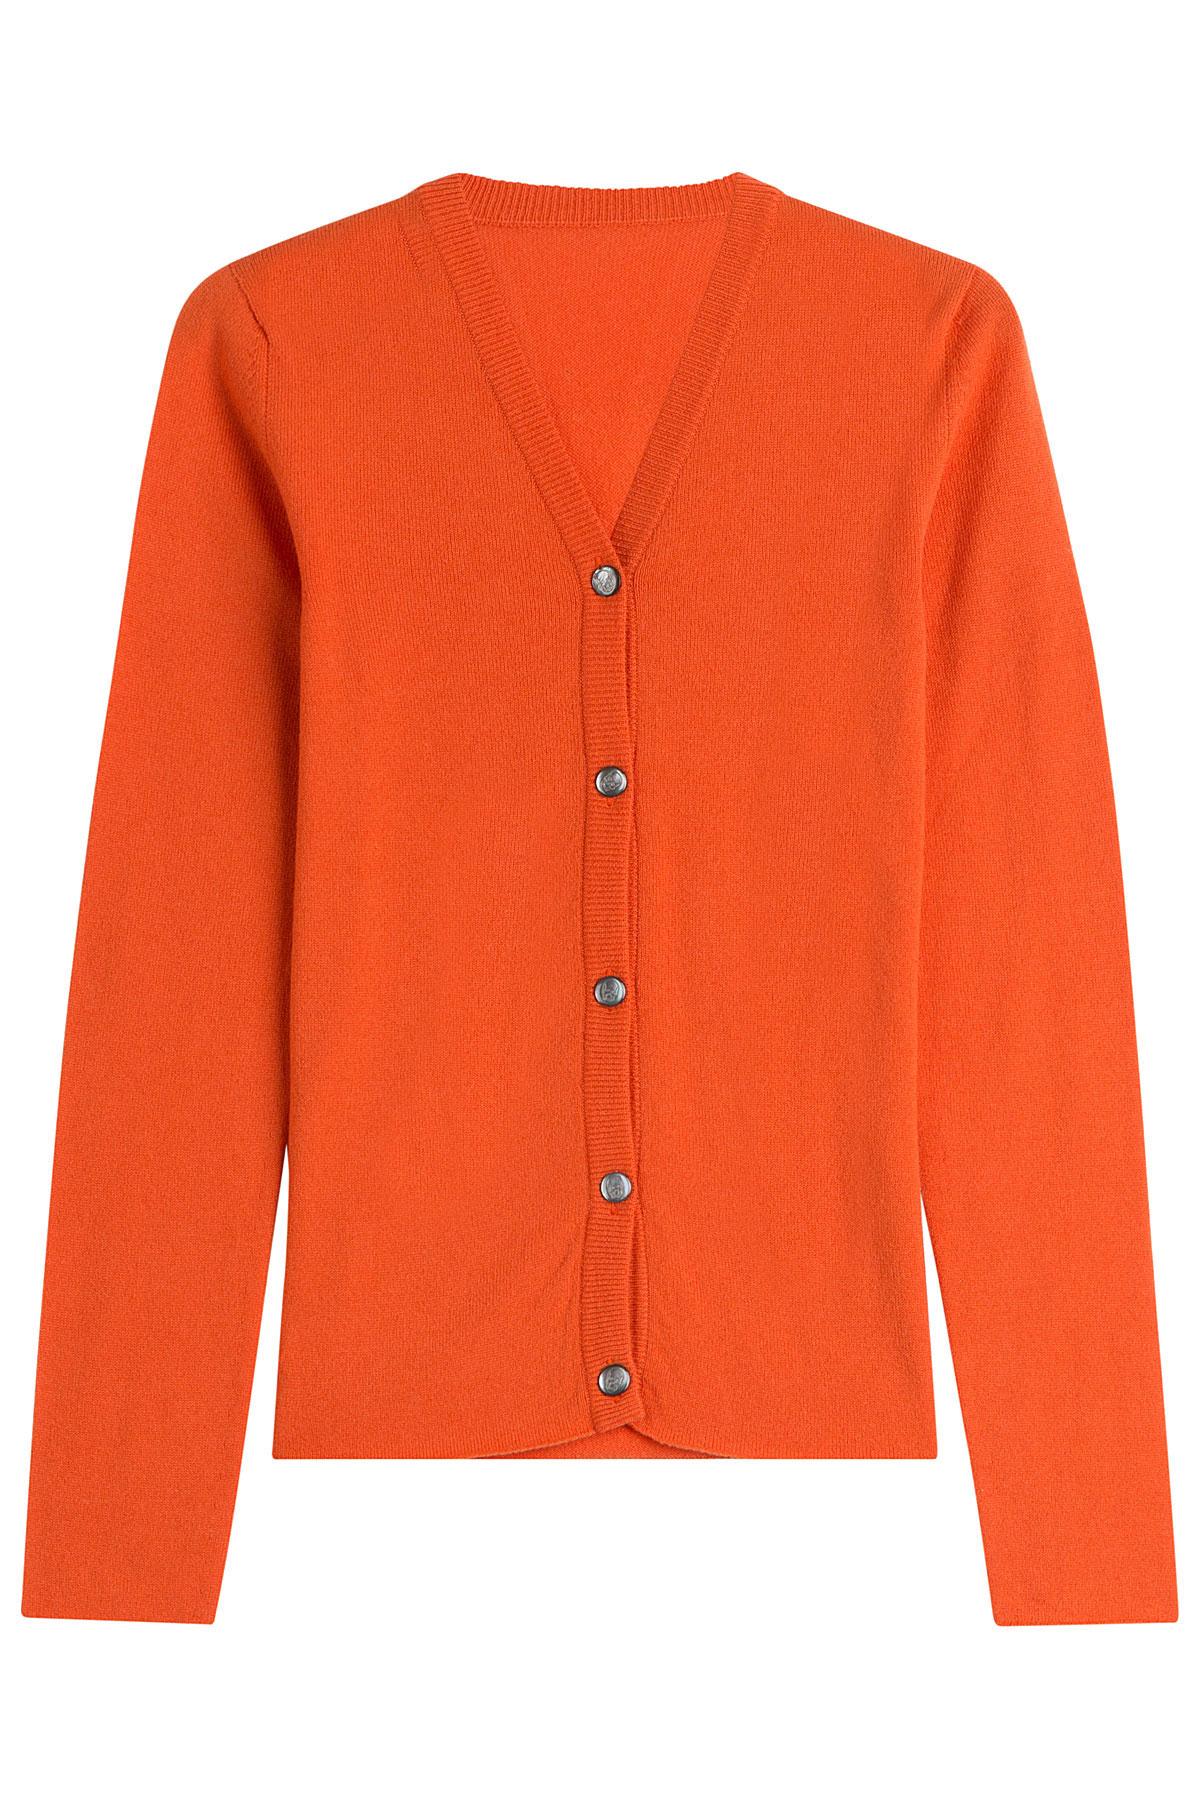 Lucien Pellat Finet Cashmere Cardigan Orange In Orange